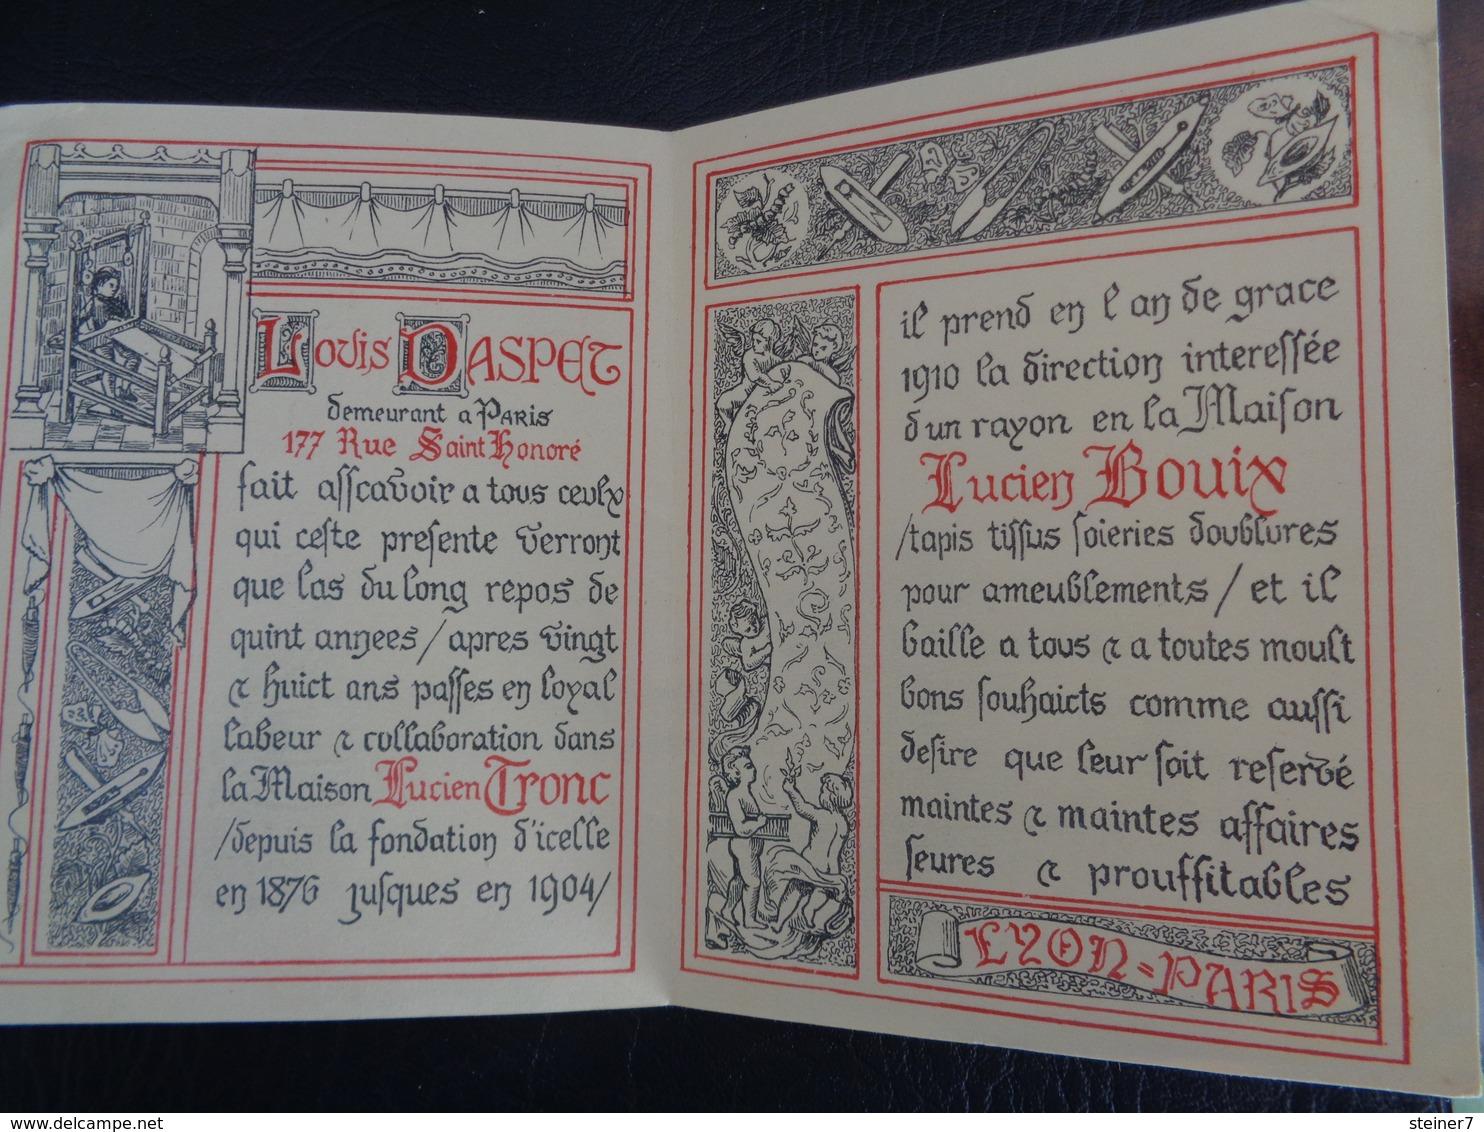 Louis Daspet De La Maison Lucien Bouix - Vecchi Documenti